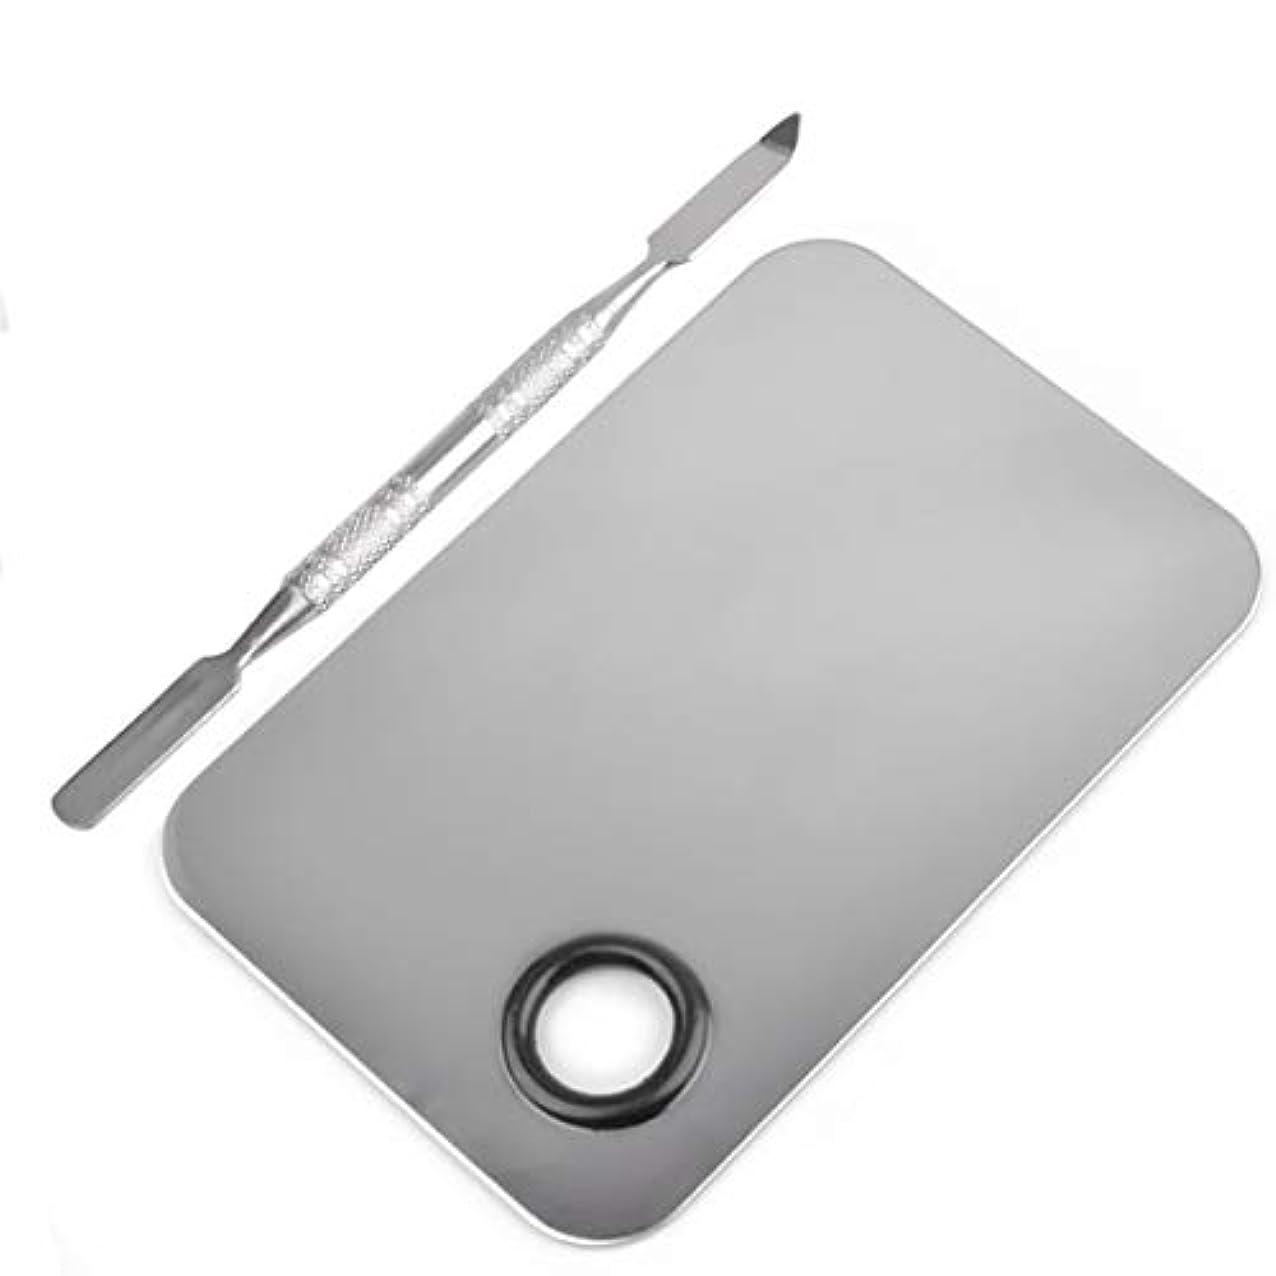 わずらわしいめったに四長方形の形のステンレス鋼化粧品メイクアップパレットへらツールセットネイルアート機器ツールキット美容ツール(シルバー)